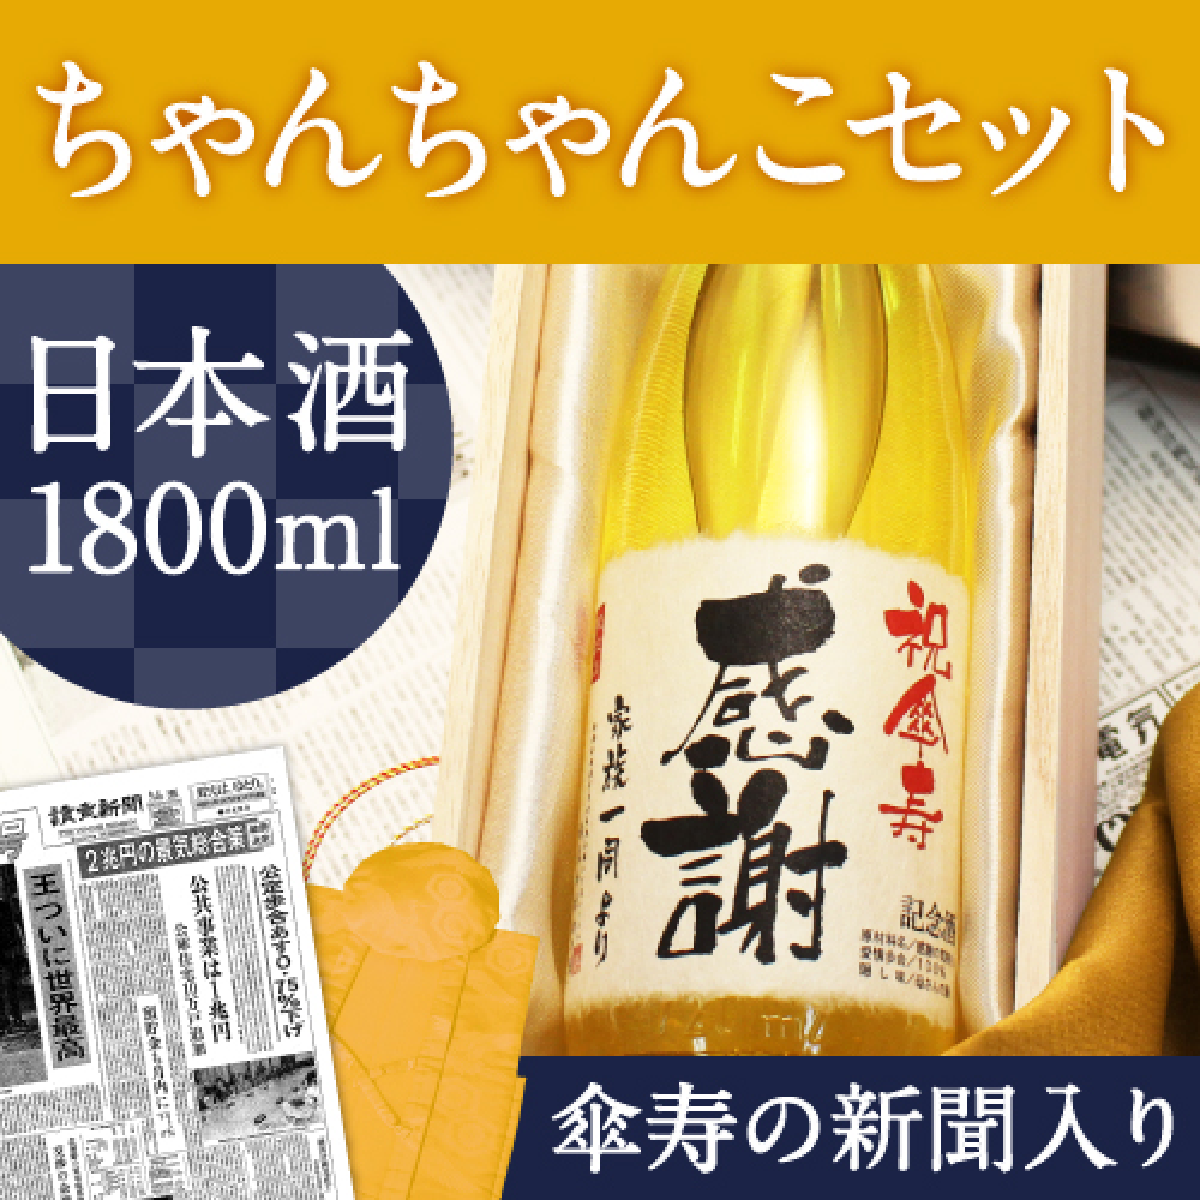 ちゃんちゃんこセット 傘寿のプレゼント「黄凛」父親向け贈り物(日本酒)